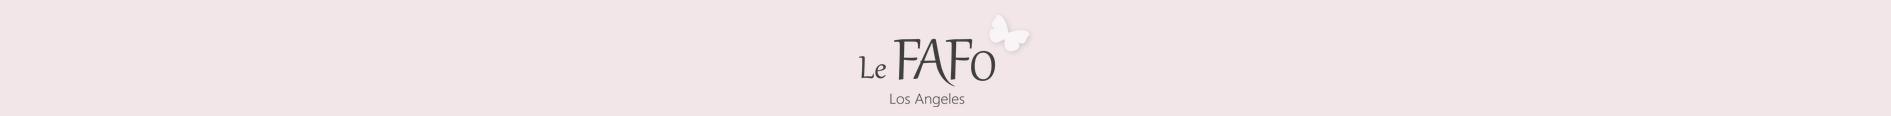 Le Fafo